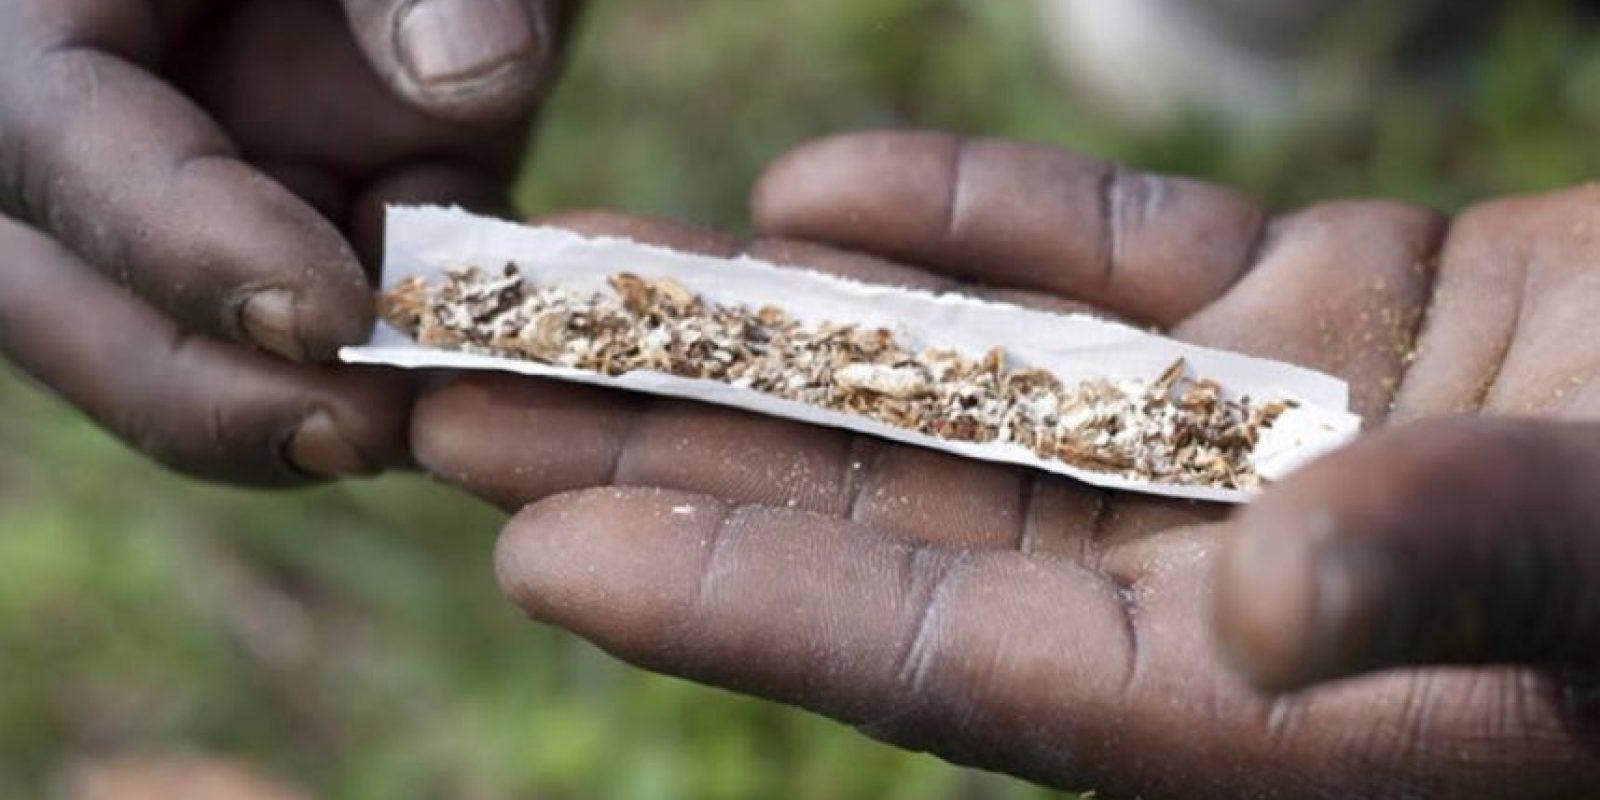 La droga es altamente adictiva y puede causar graves problemas de salud, tales como hemorragias internas, úlceras de estómago y finalmente la muerte. Foto:mahala.co.za